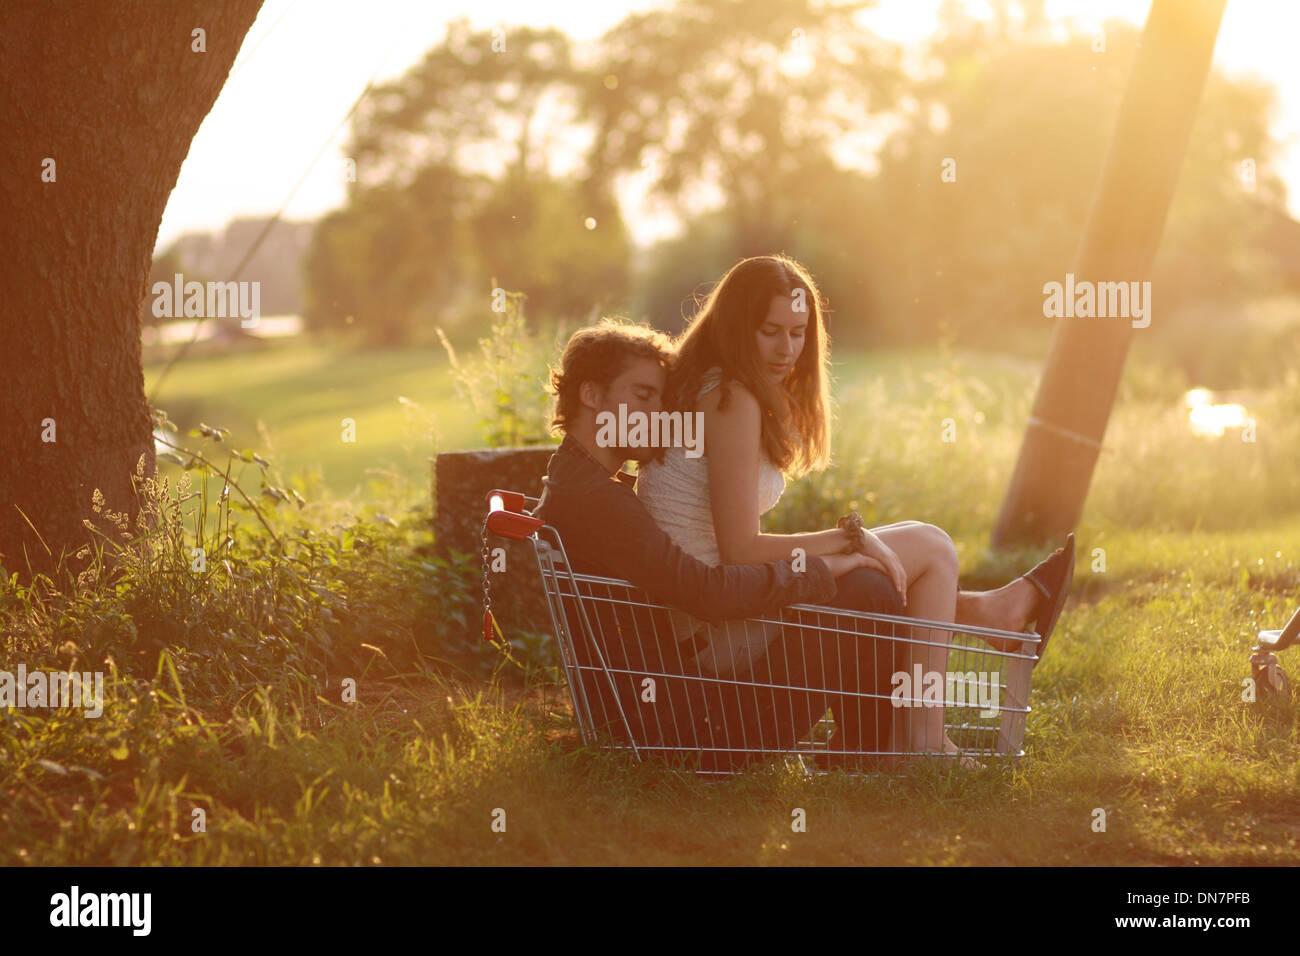 Couple d'amoureux assis dans un panier en rétro-éclairage Photo Stock